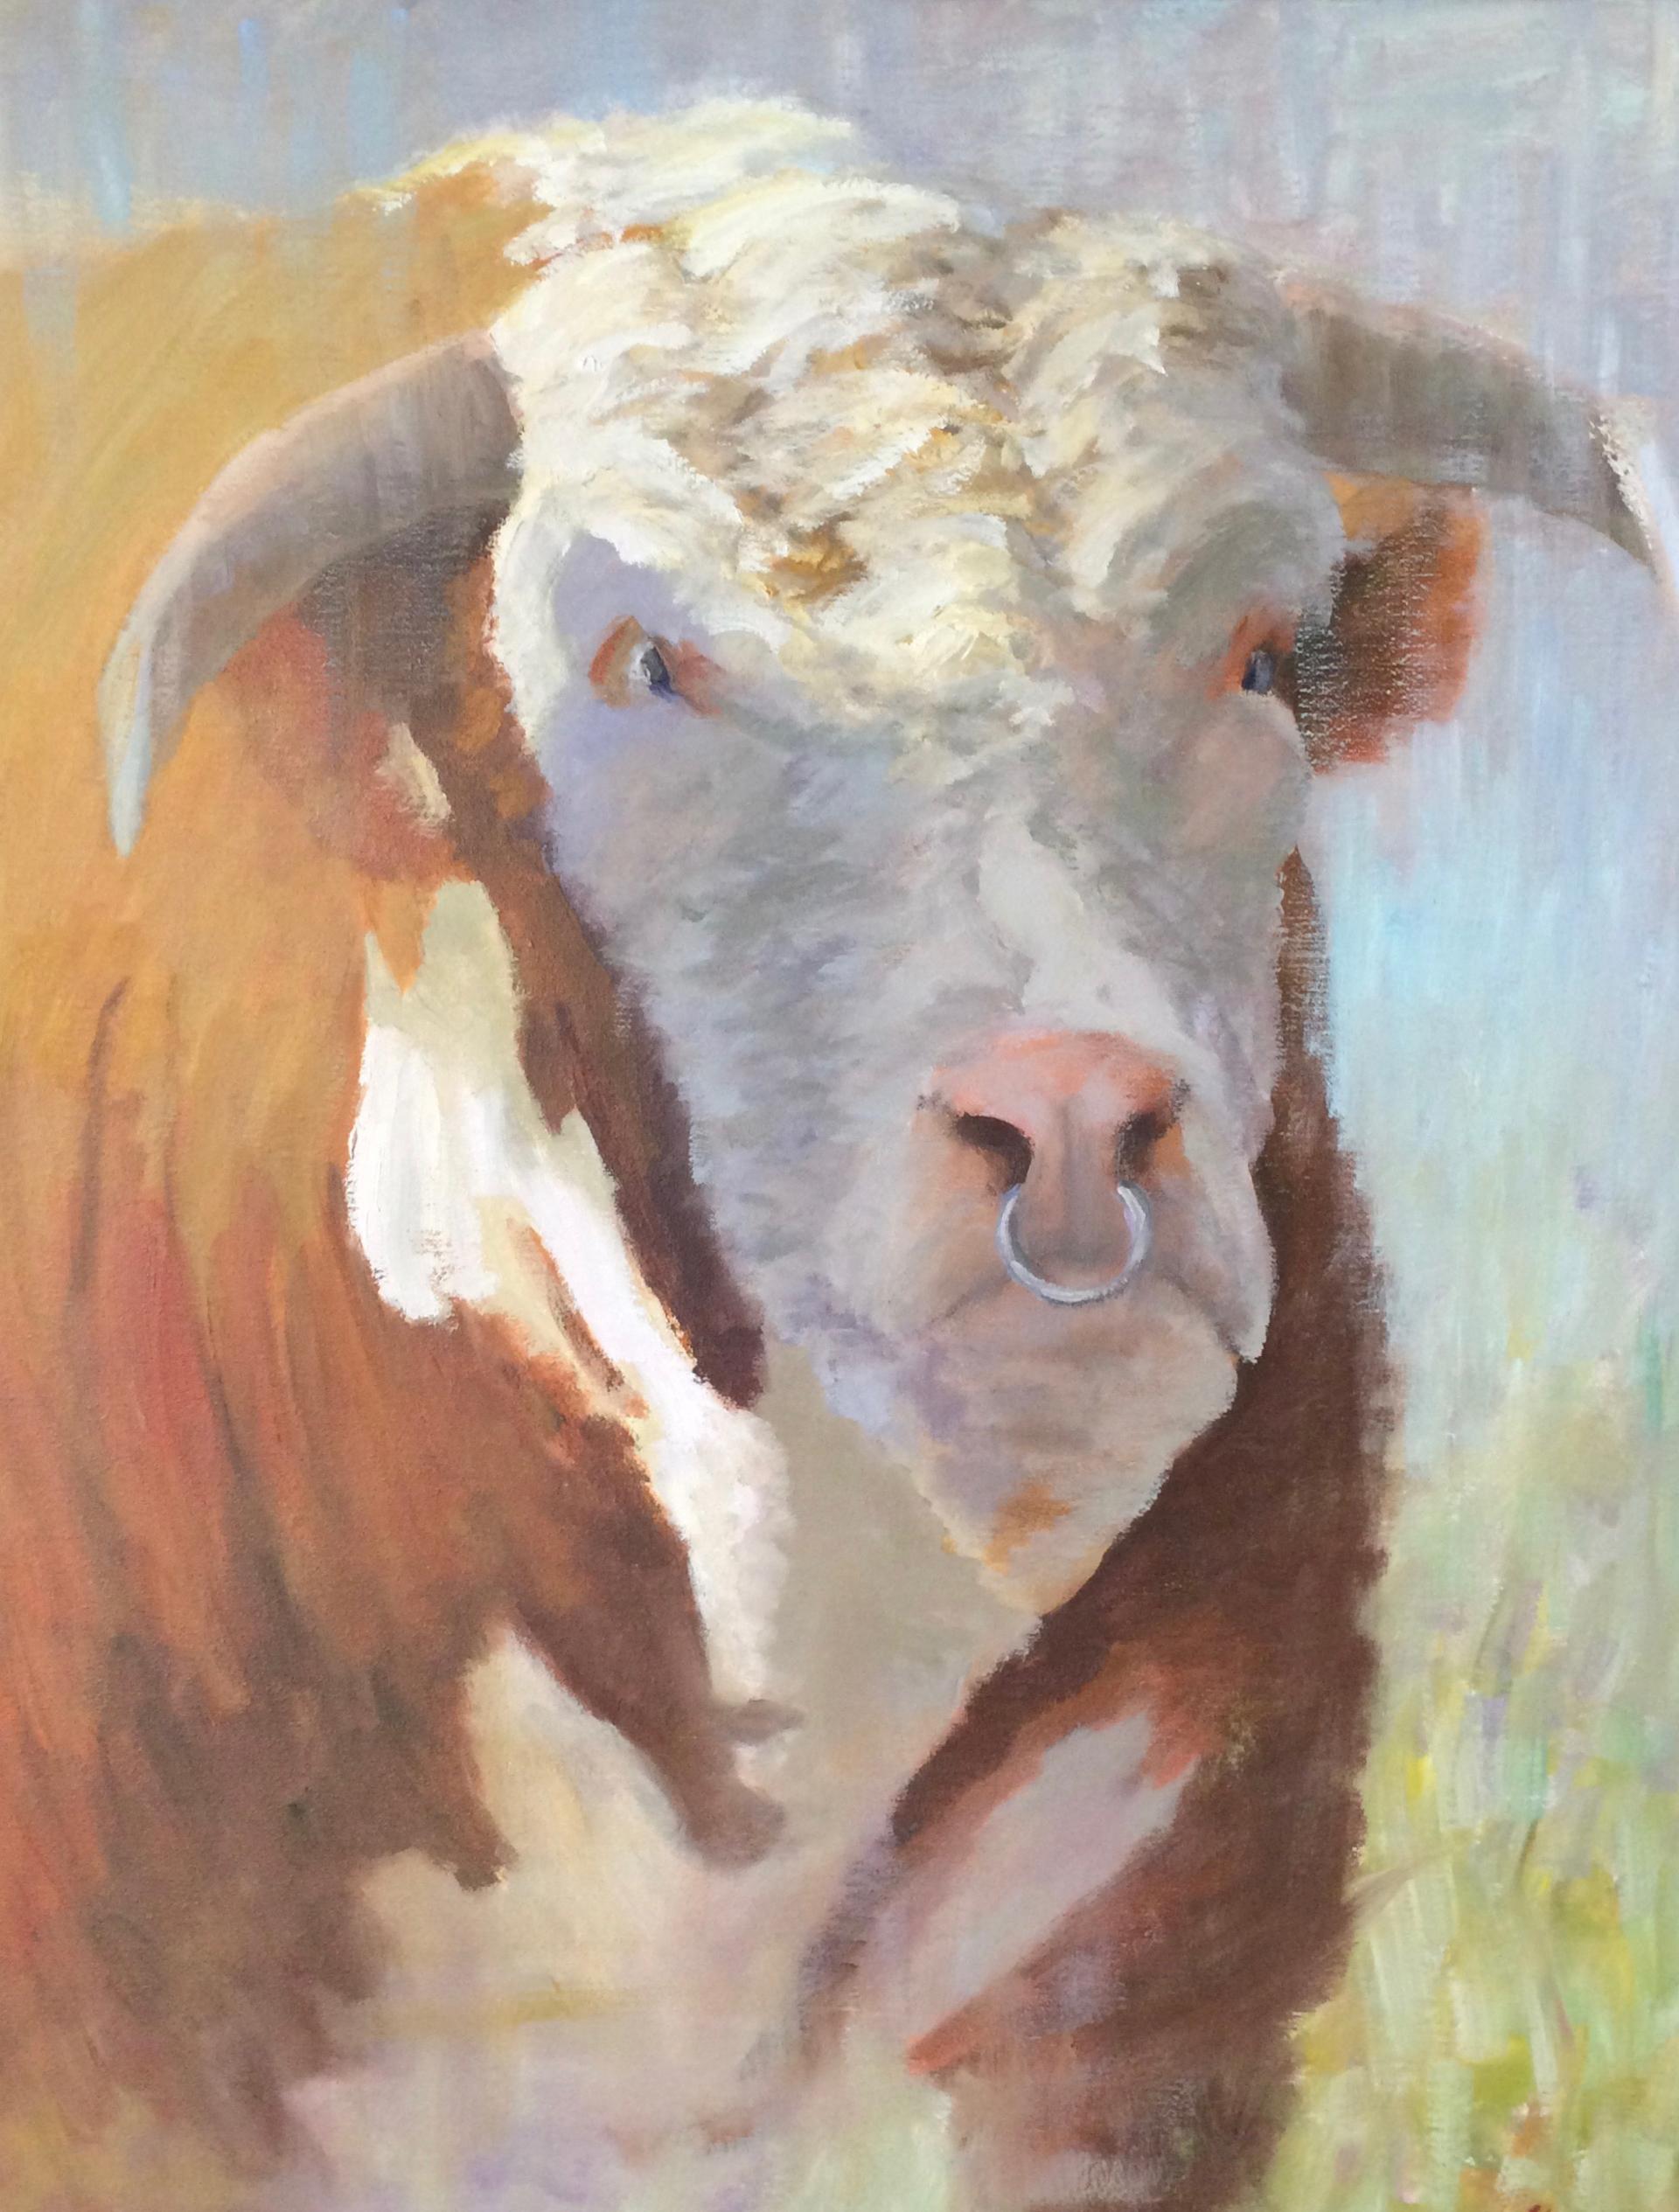 Bull Headed by Joe Mullican